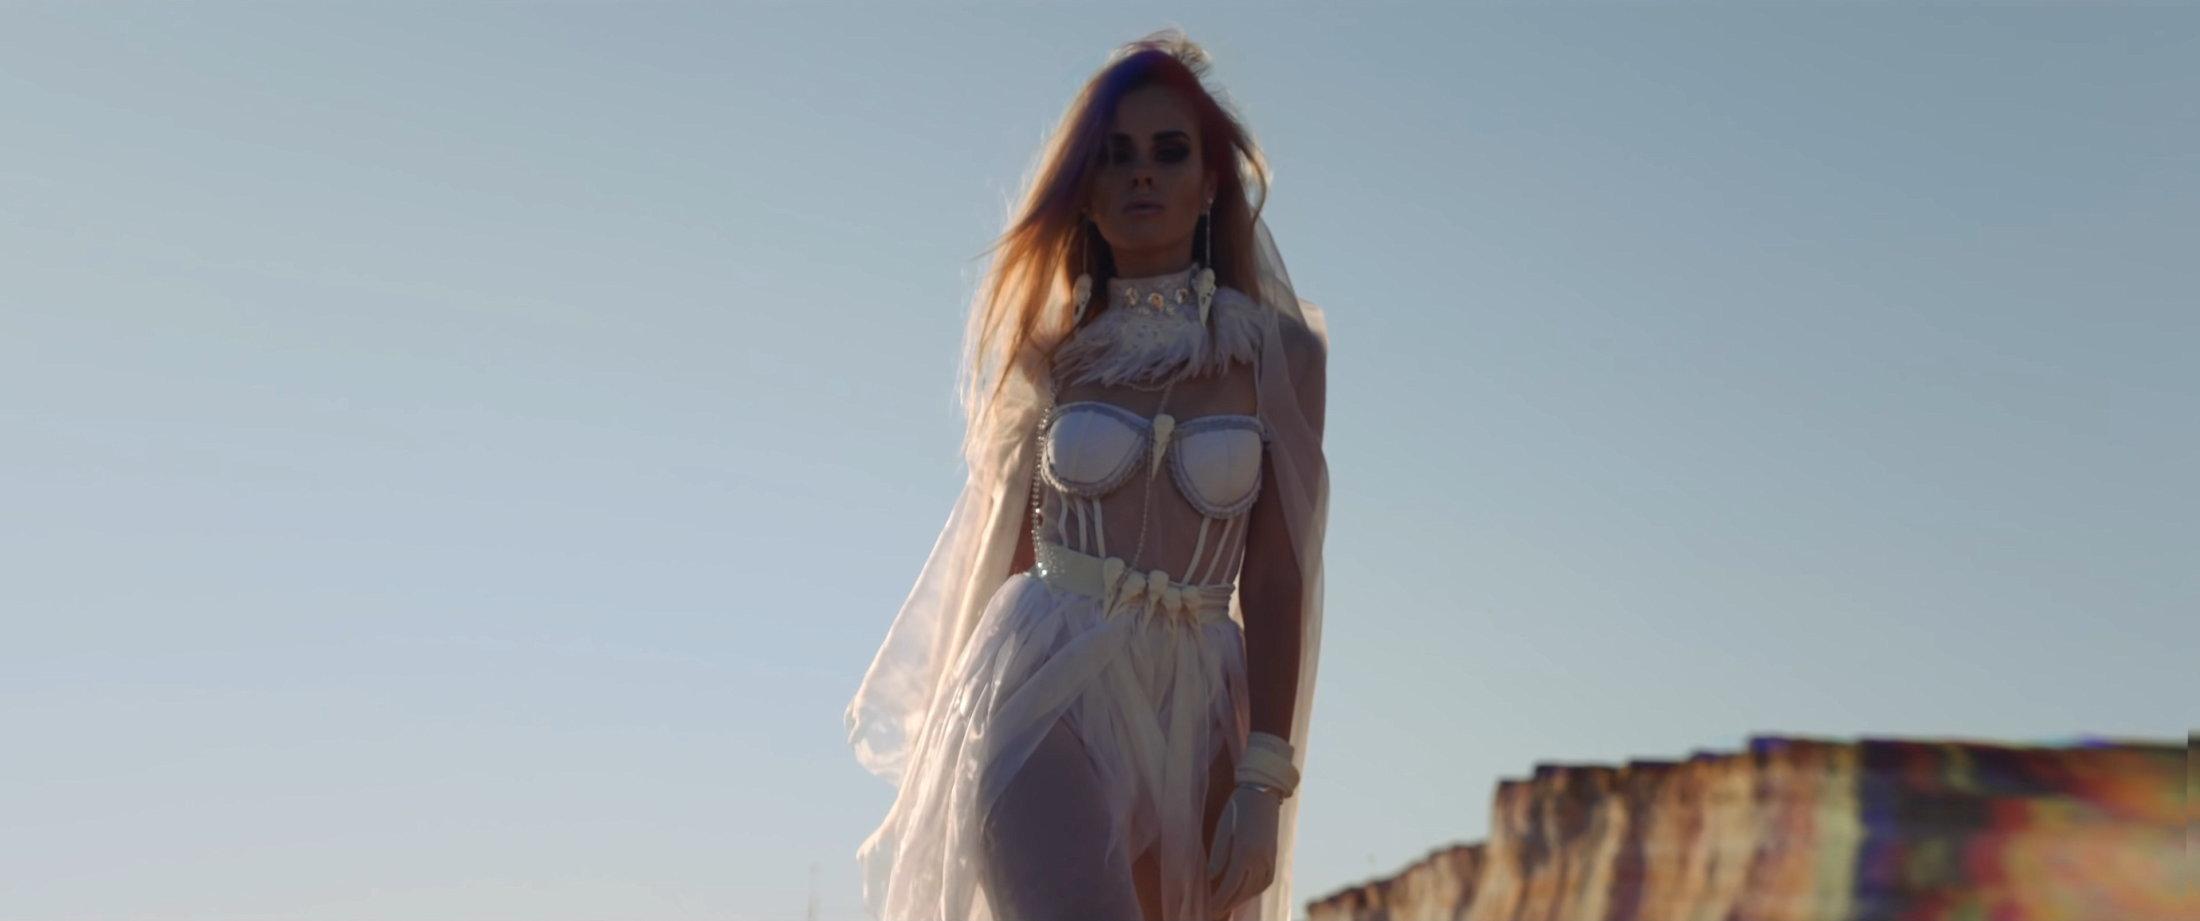 OMNIMAR - Feels Like Velvet (Official Video) 1-59 Screenshot